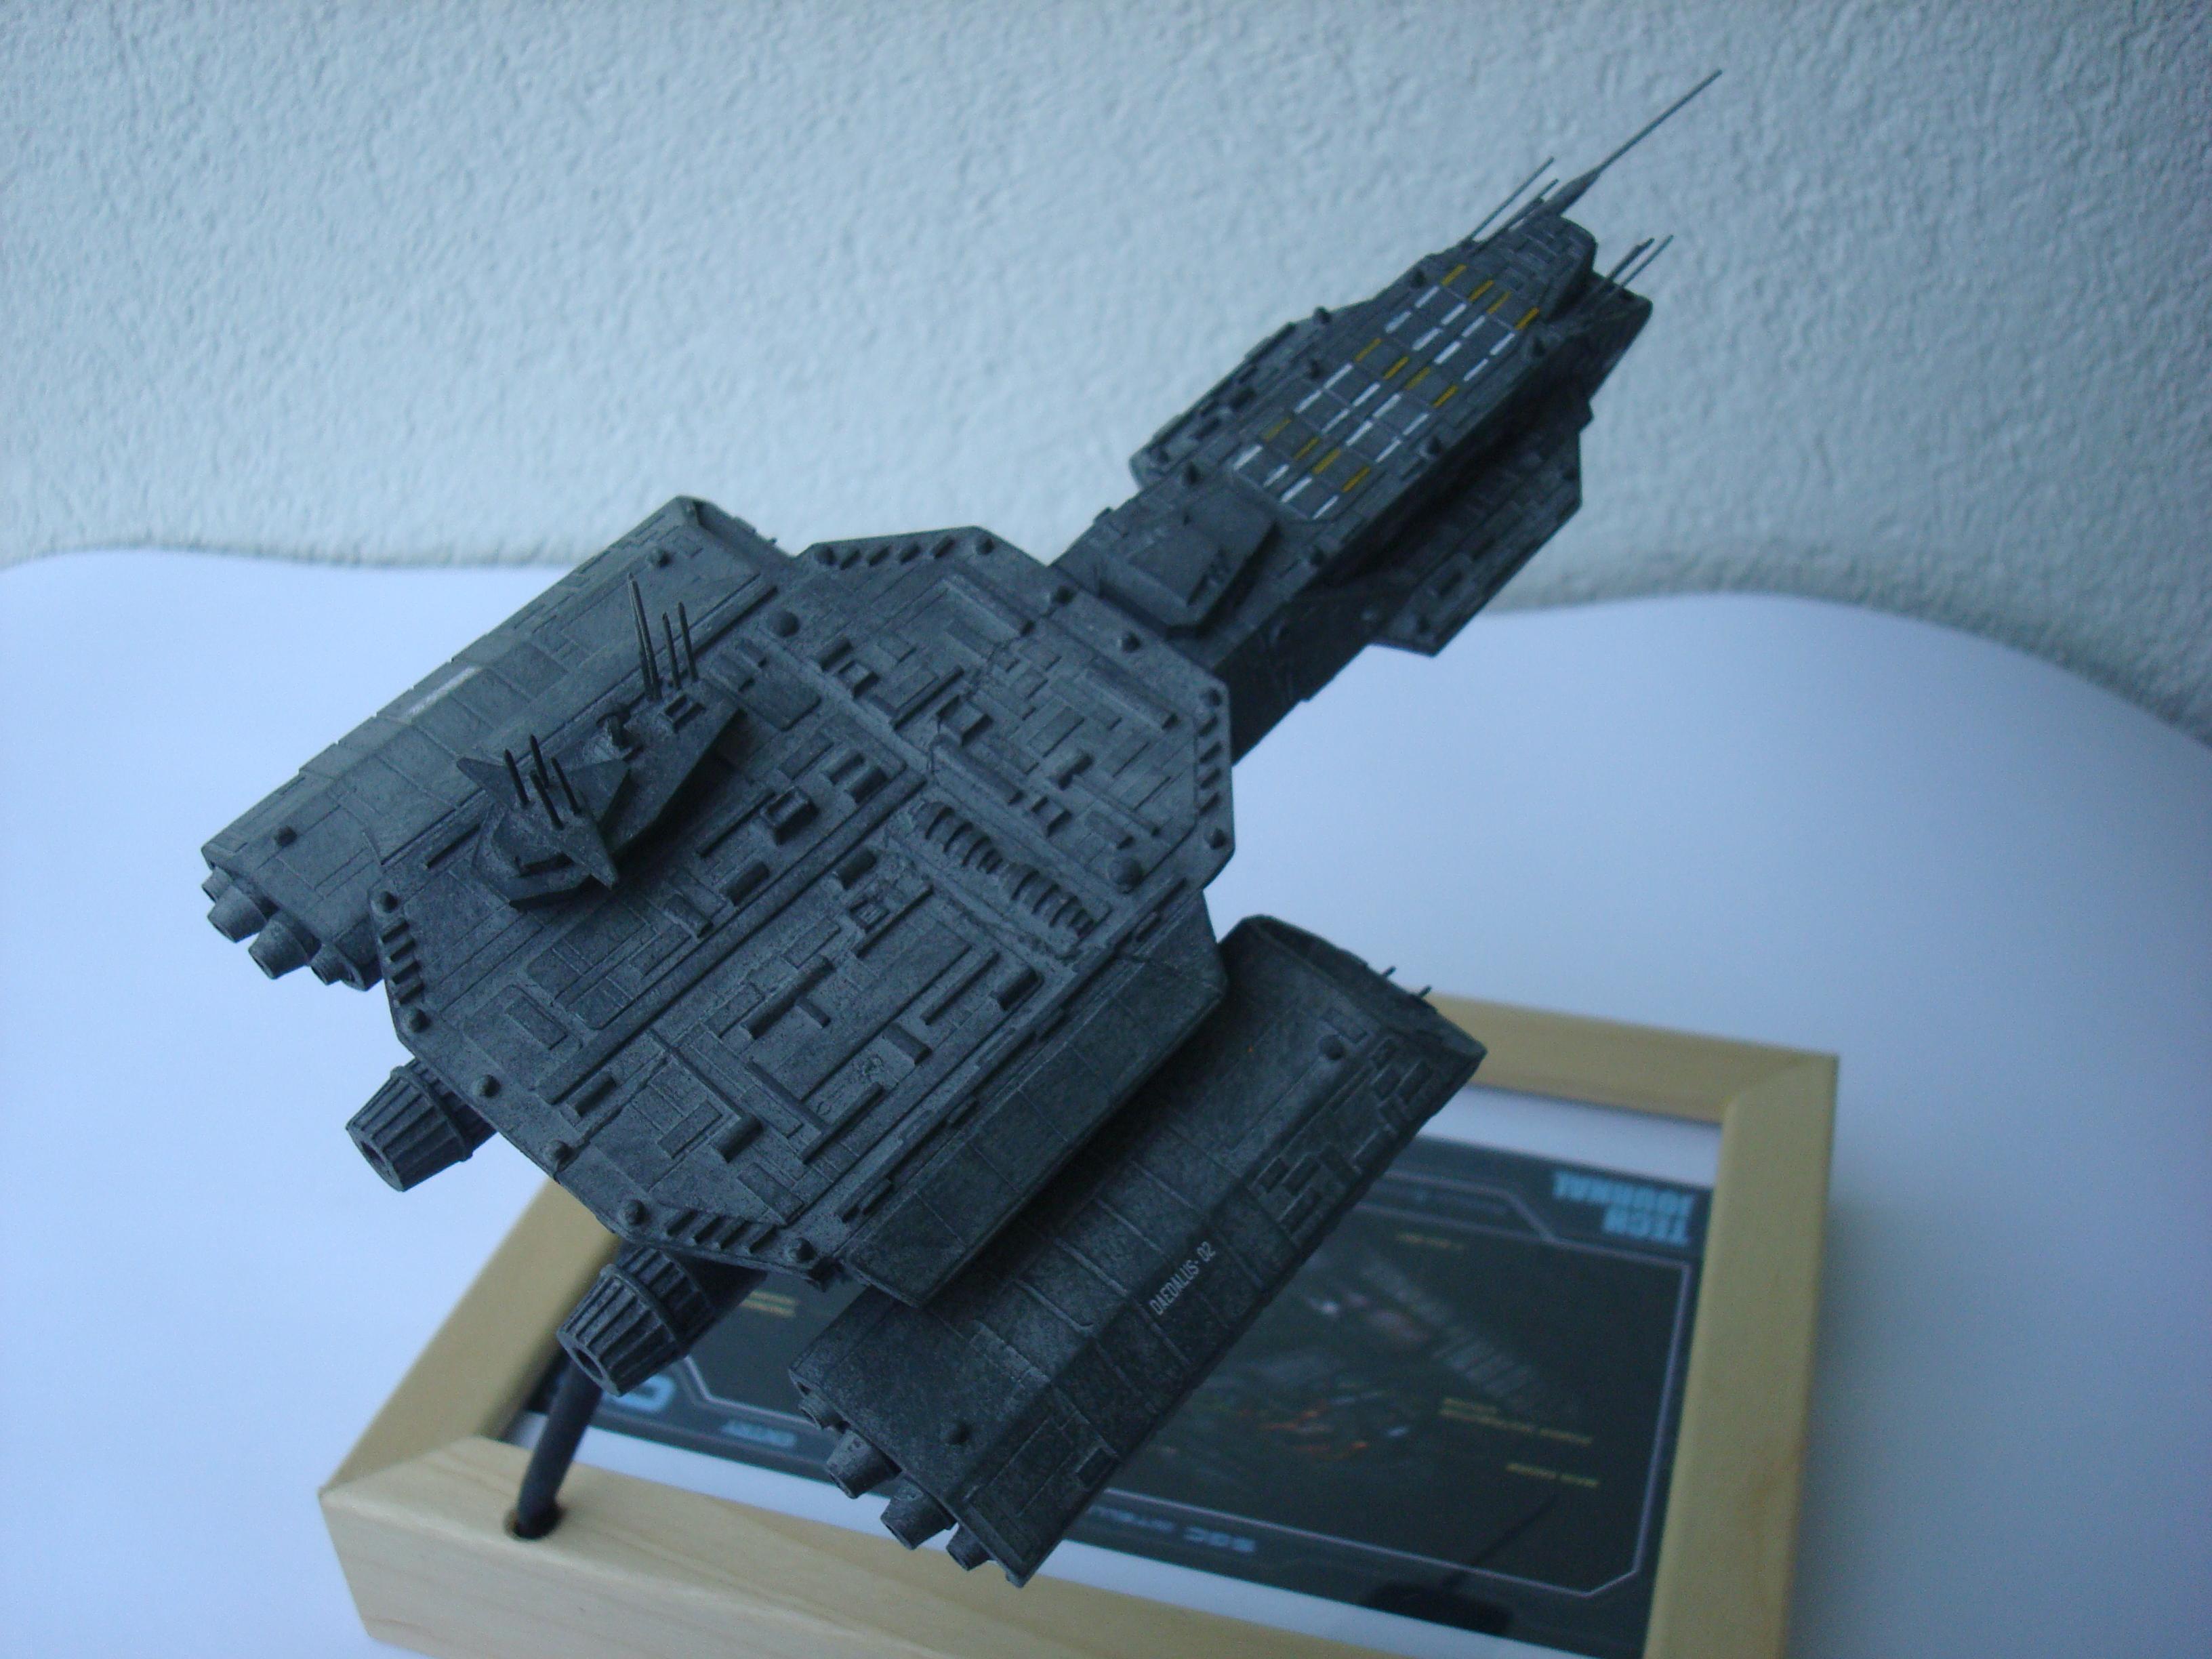 X304-CLASS DEEP SPACE CARRIER DAEDALUS Dsc00625rm